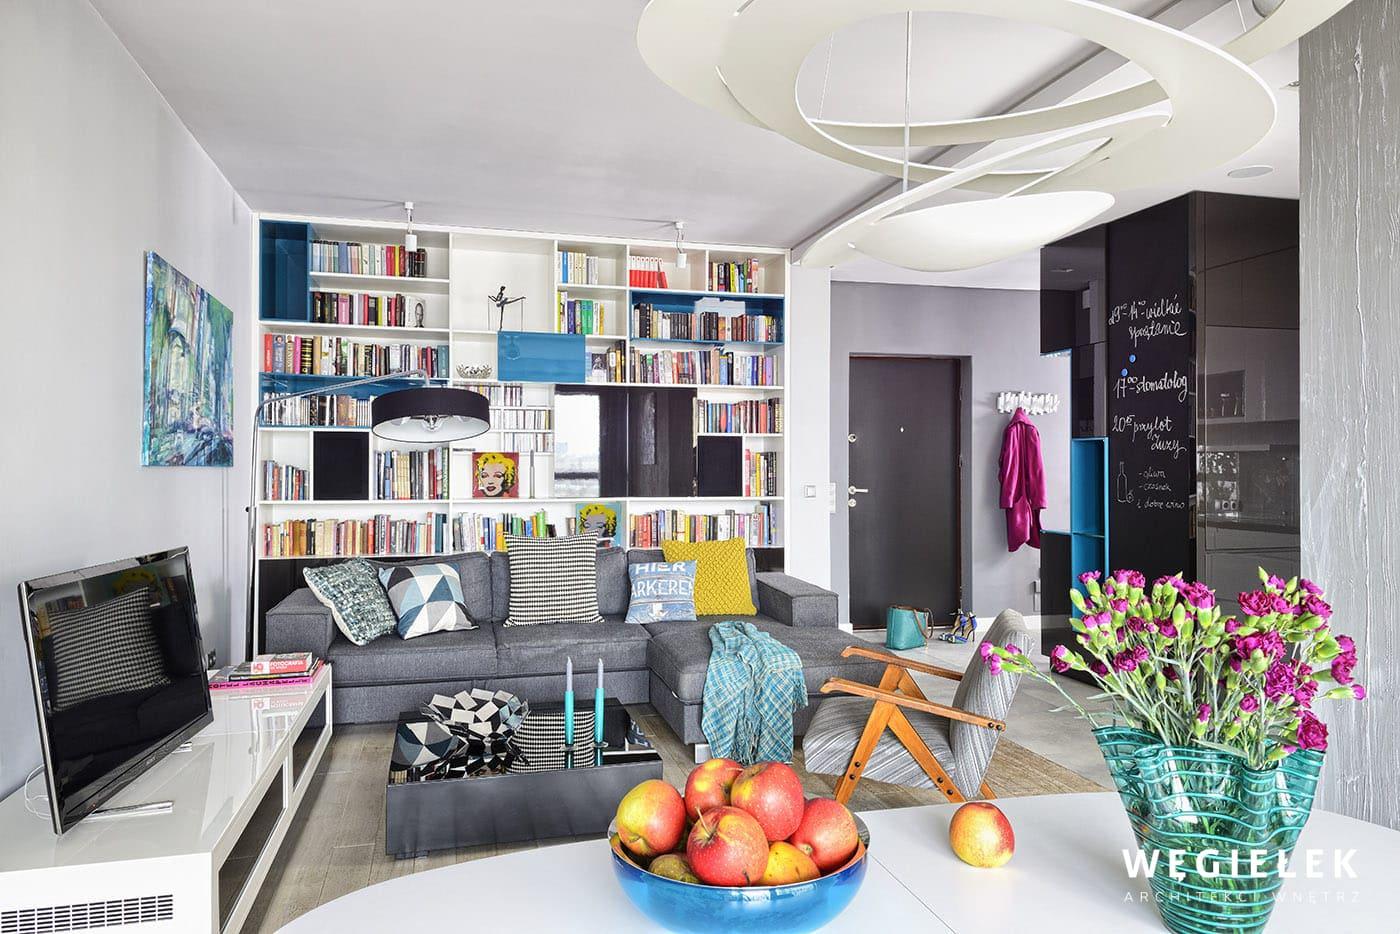 Apartament turkusowy to niebanalny pomysł na stworzenie ciekawego wnętrza przez architekta. Zachwyca wykorzystanie kontrastu dwóch barw, szarej i niebieskiej.